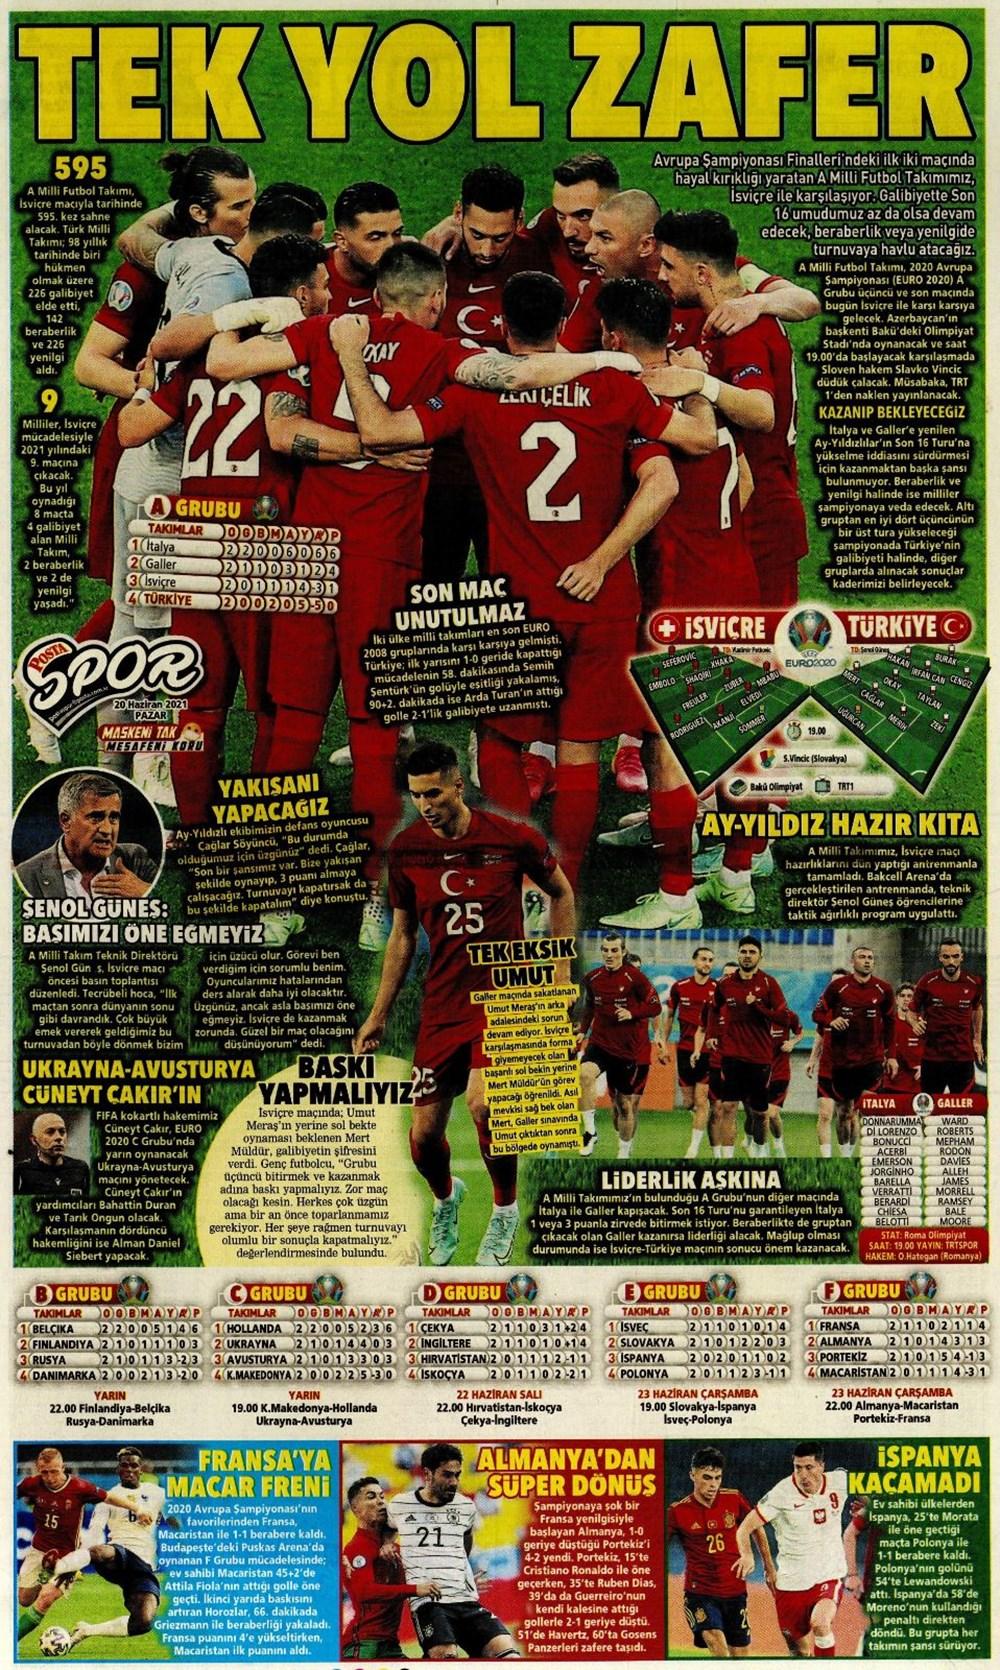 Günün spor manşetleri (20 Haziran 2021) - 14